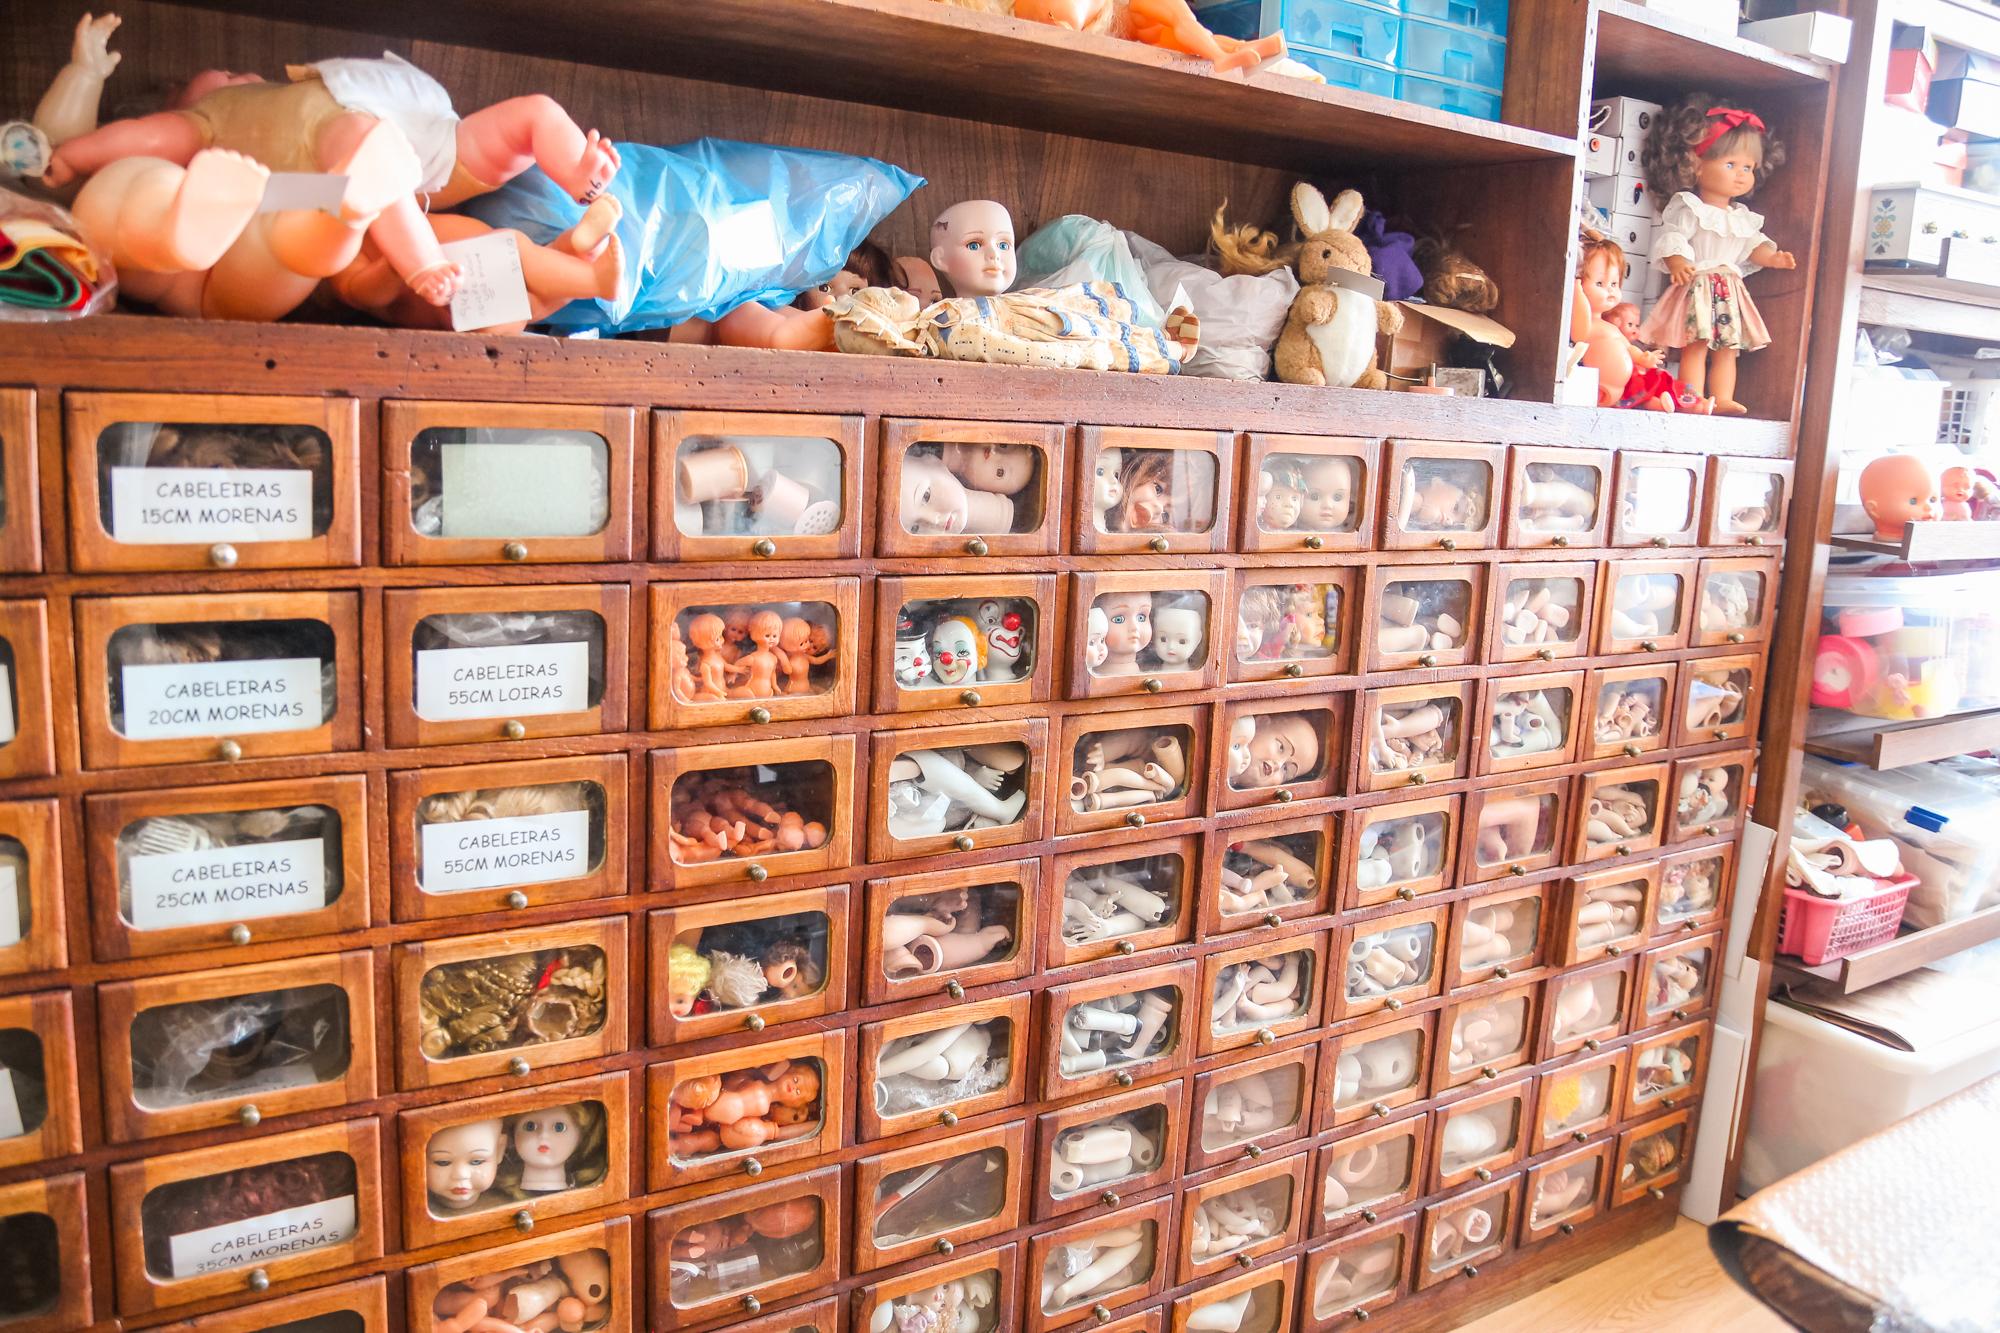 hopital des poupées visite insolite lisbonne